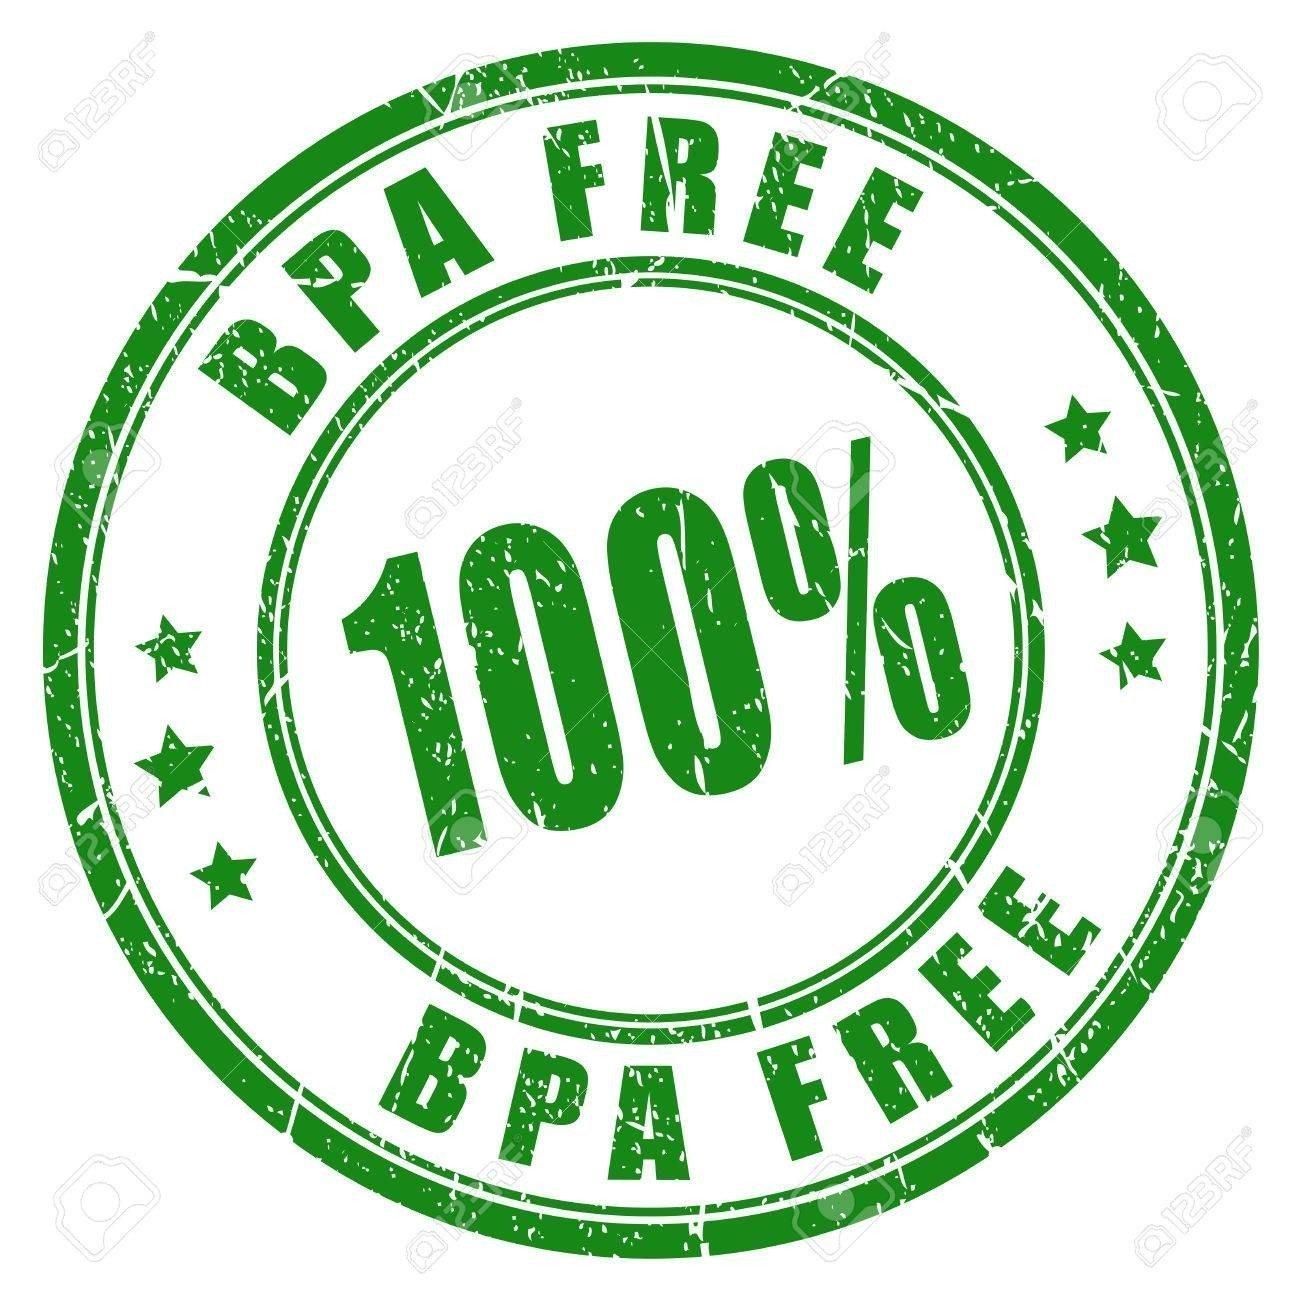 Bebek Bezinde Bisphenol A (BPA) Analizi